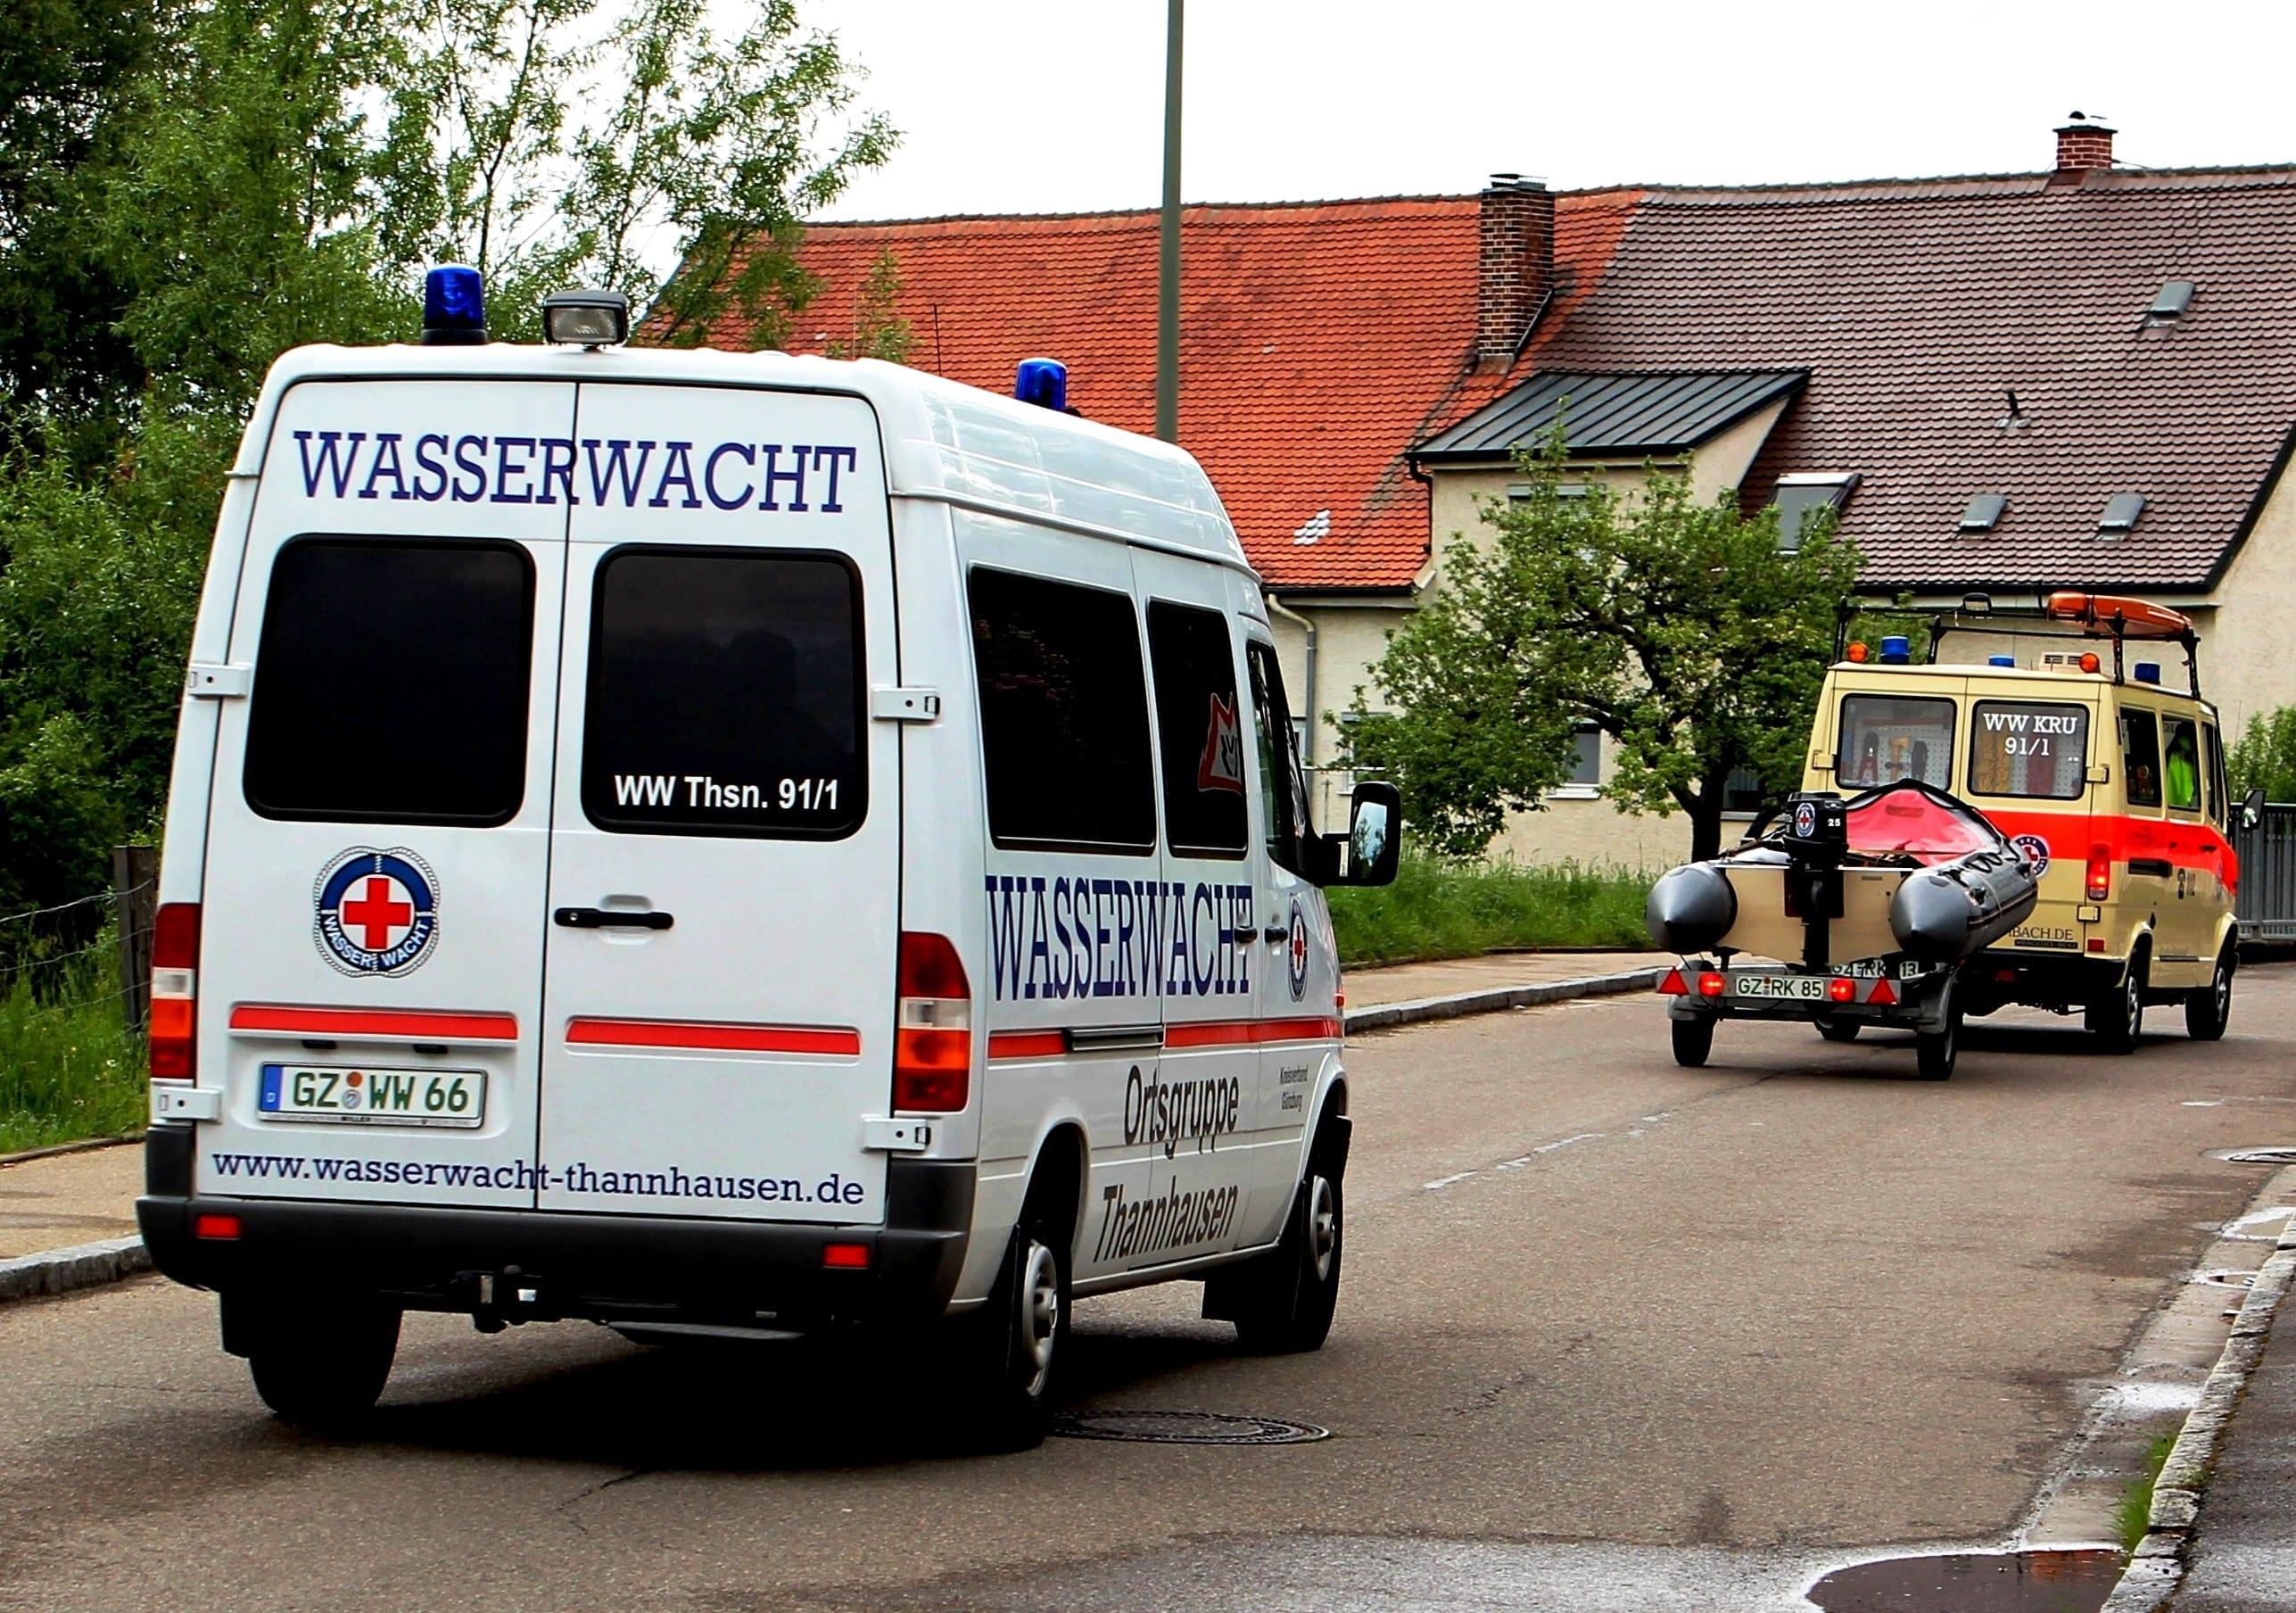 wasserwacht Thannhausen